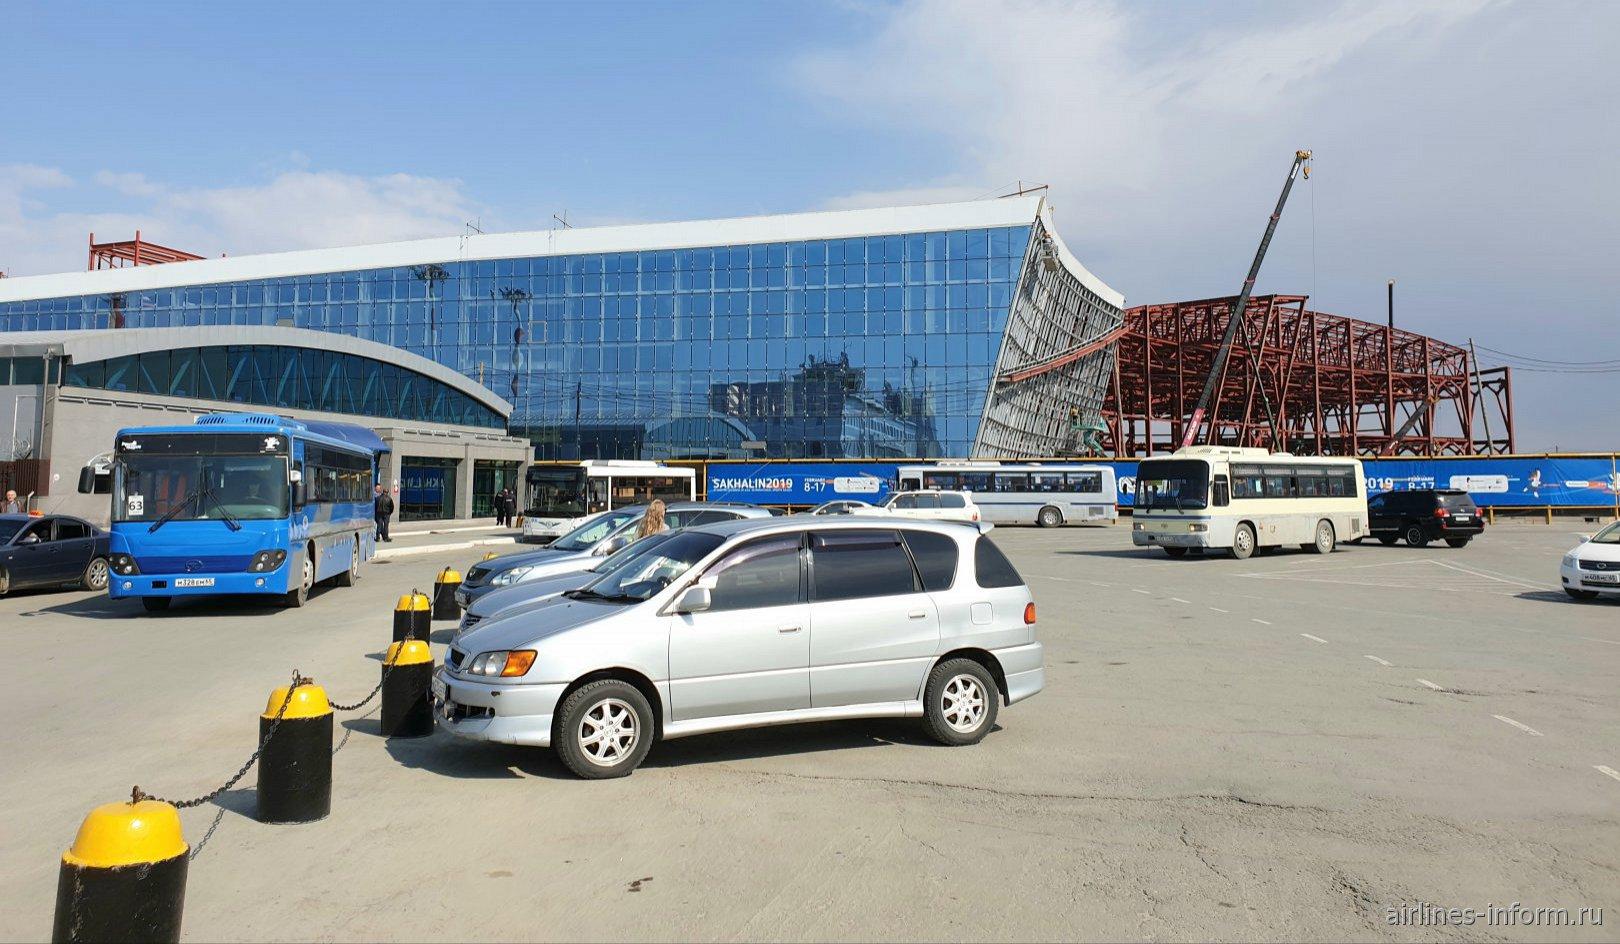 Строительство нового пассажирского терминала аэропорта Южно-Сахалинск Хомутово